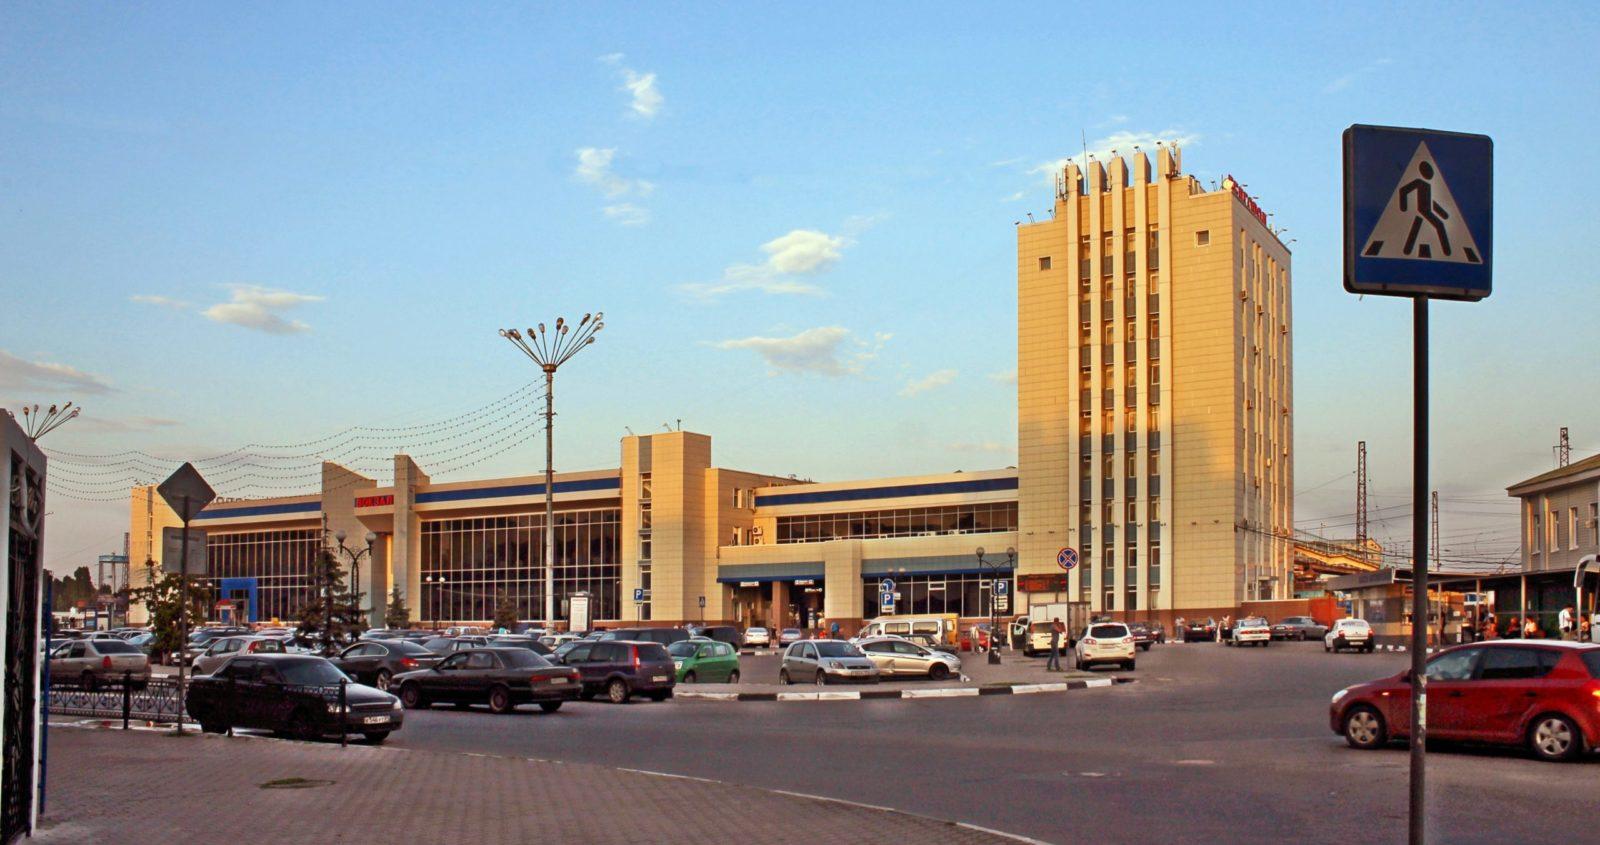 Белгород, город Белгород, станция жд вокзала в Белгороде.